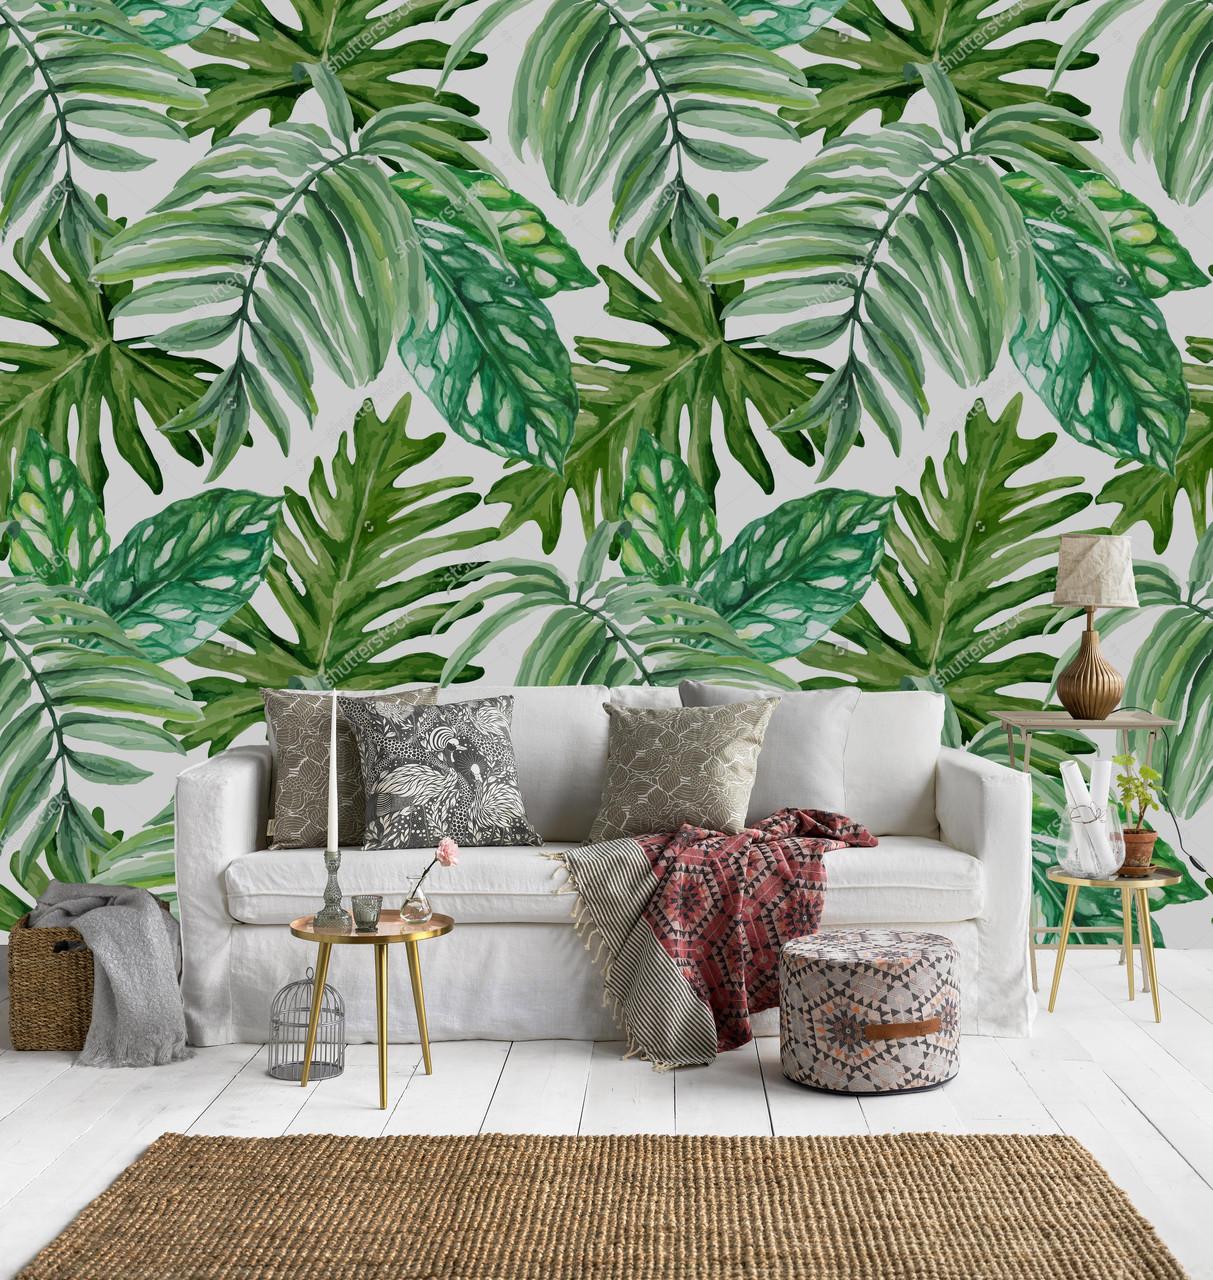 Palmiye Trendi: Dekorasyonda Palmiye Deseni Nasıl Kullanılır?